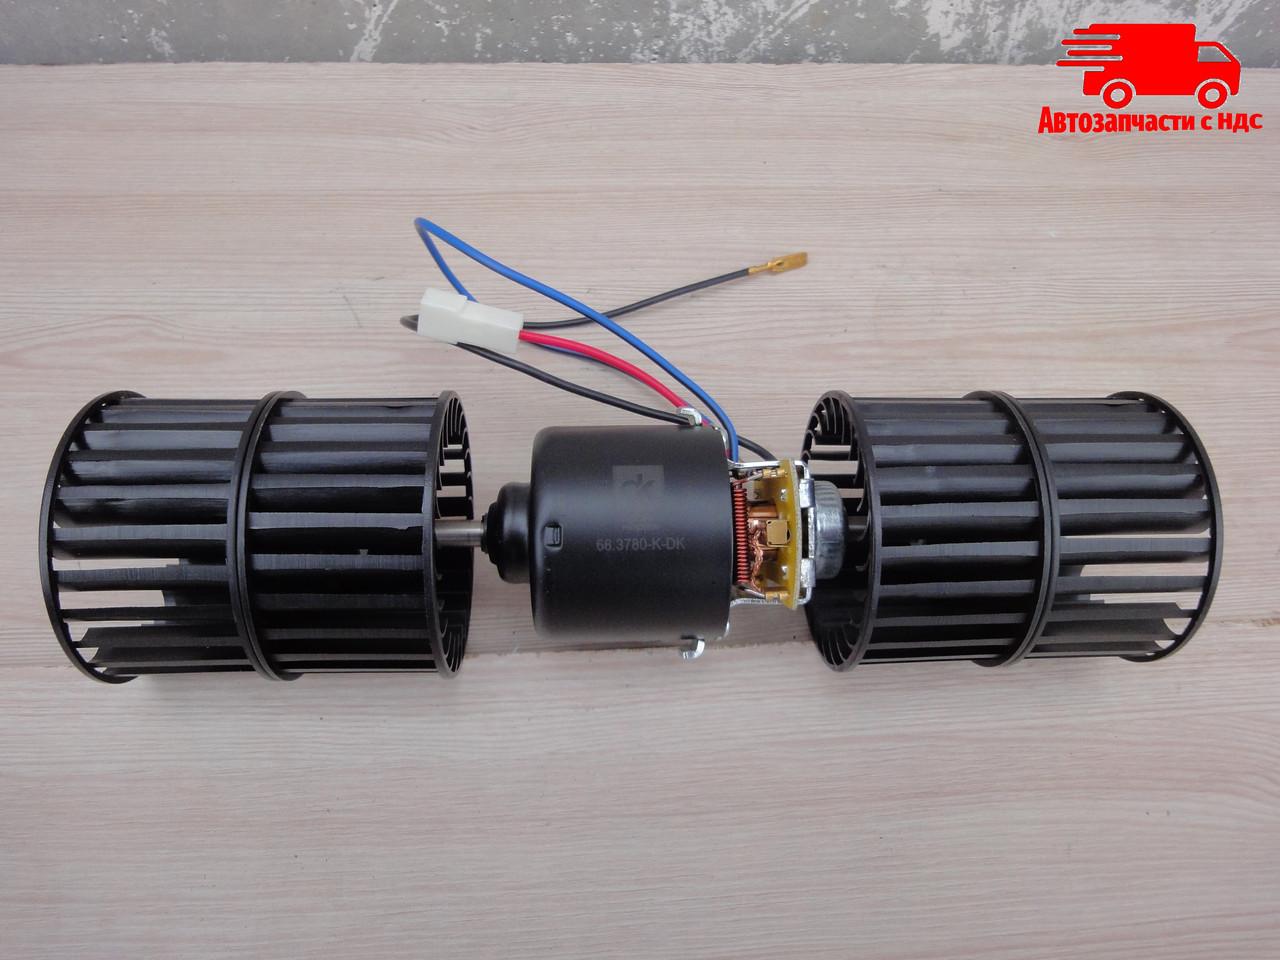 Электродвигатель отопителя ГАЗ 3302, ПАЗ с крыльчаткой (ДК) 68.3780-K-DK